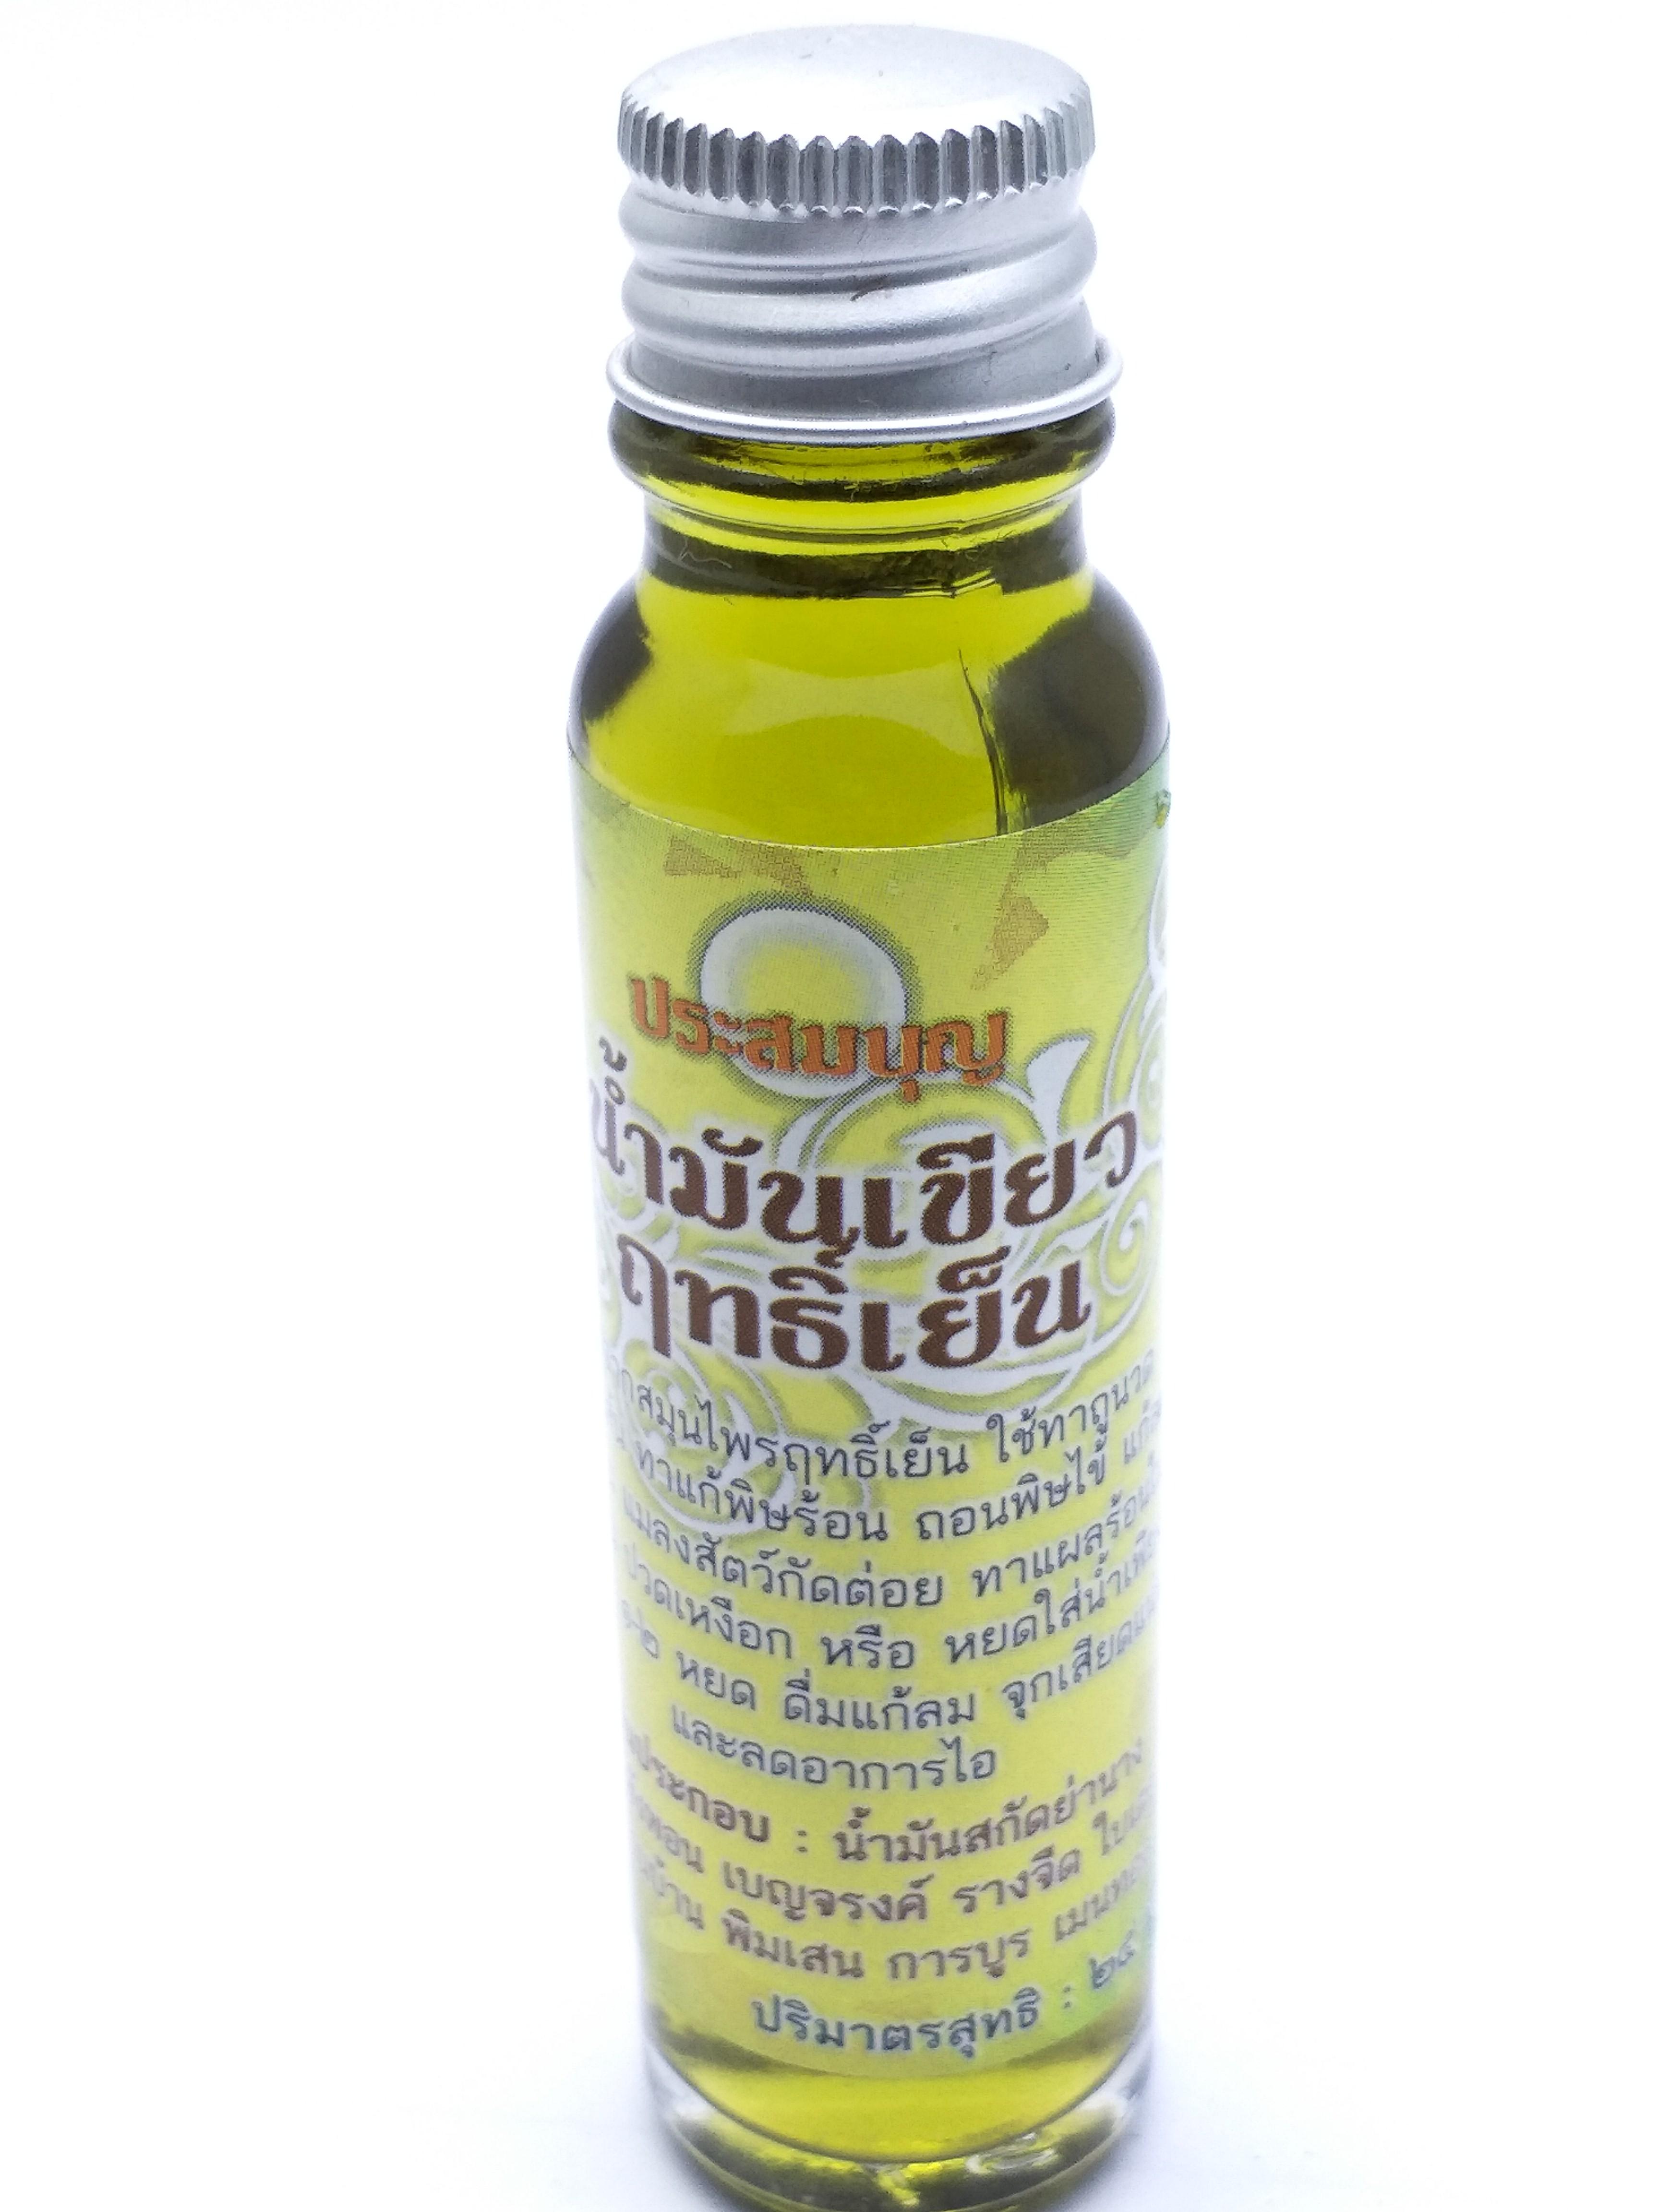 น้ำมันเขียวฤทธิ์เย็น ประสมบุญ ขนาด 25 ml.